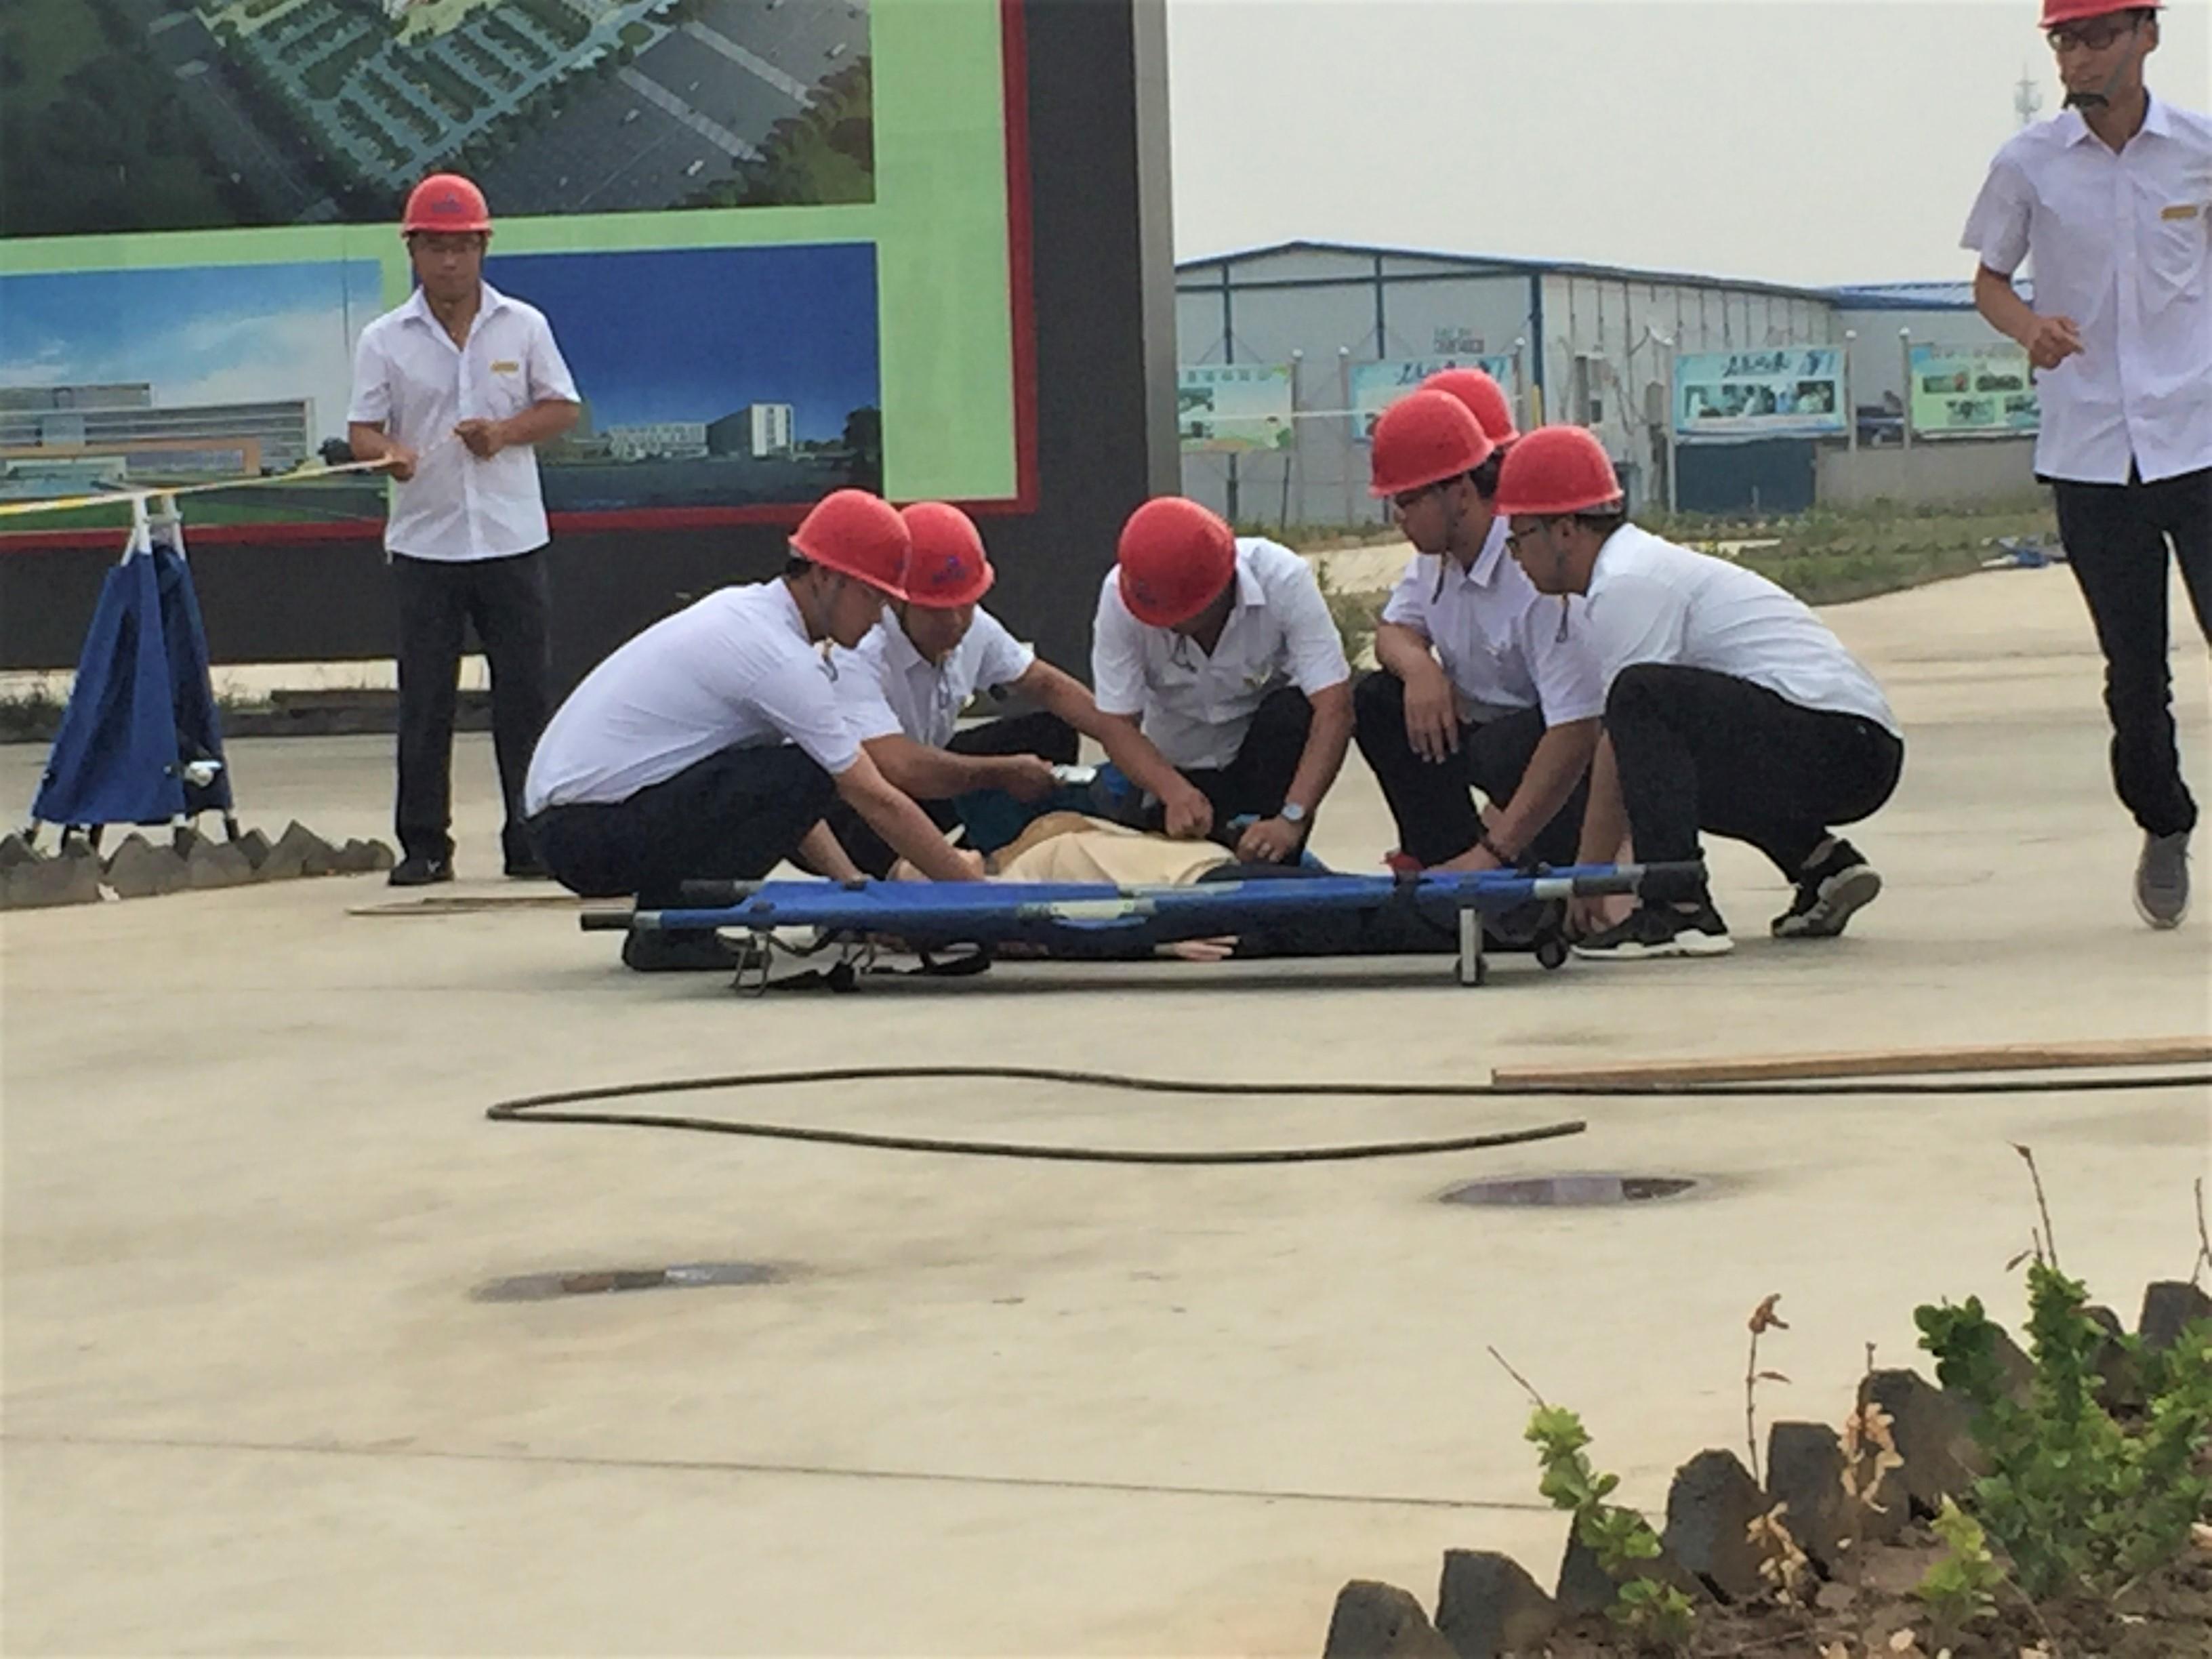 我集团演练小组各就各位,触电应急救援演练正式开始.